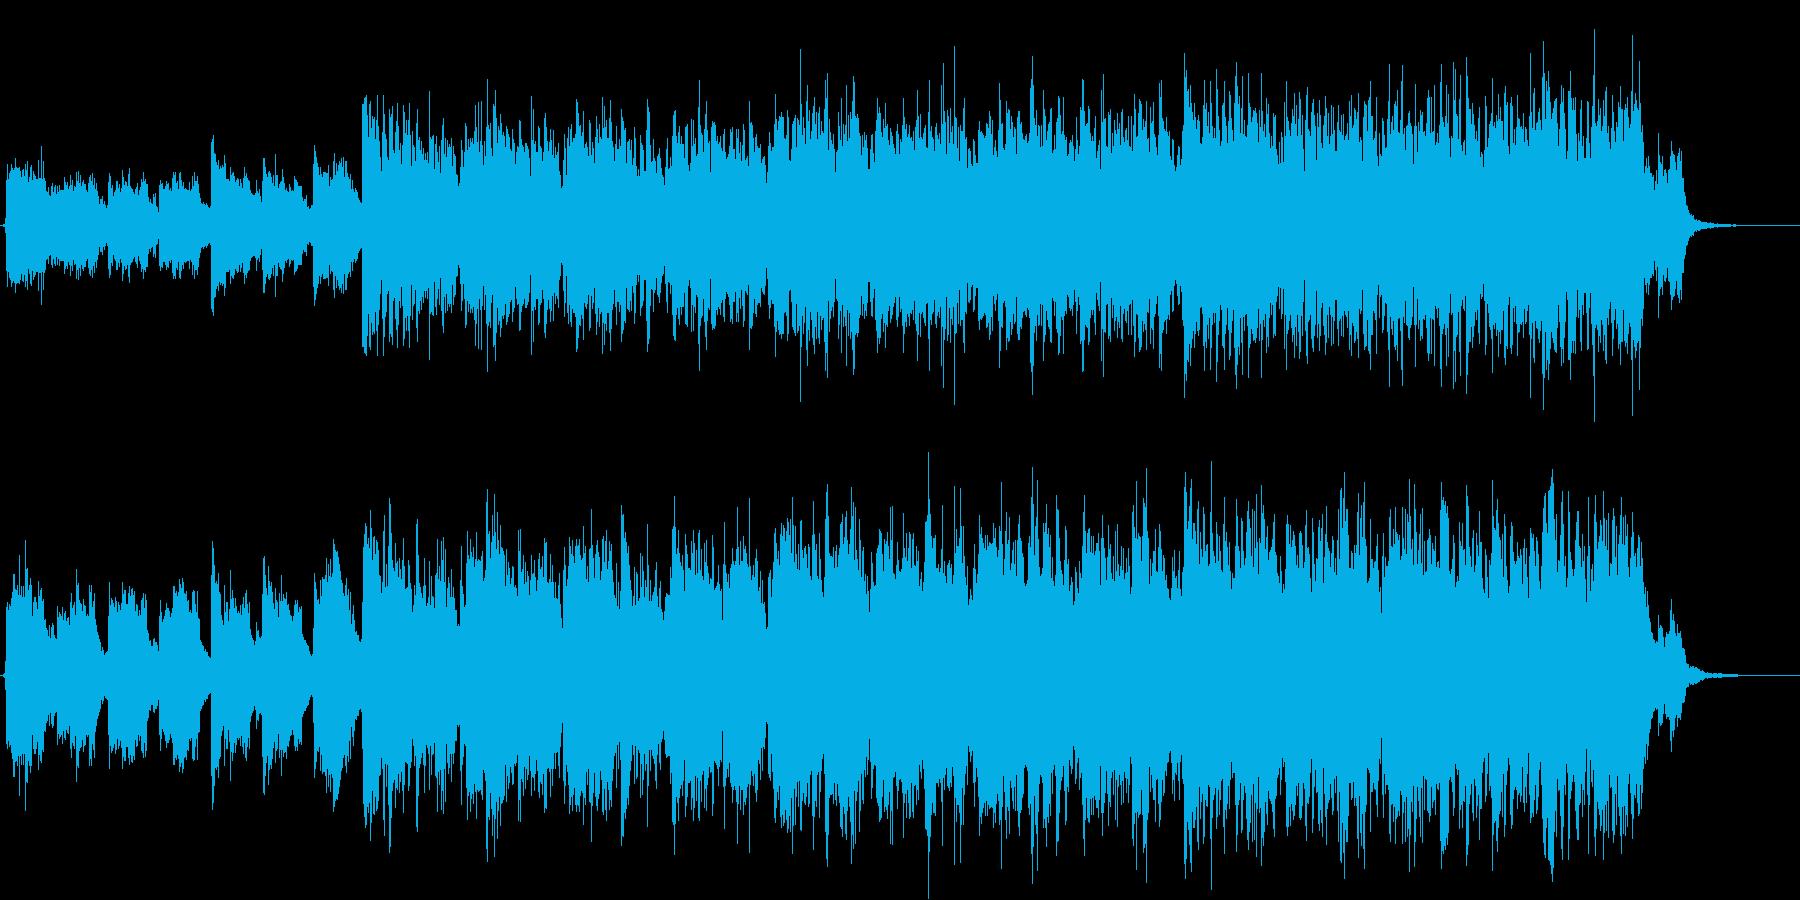 何かが起こる予兆 ギターとピアノの緊張感の再生済みの波形